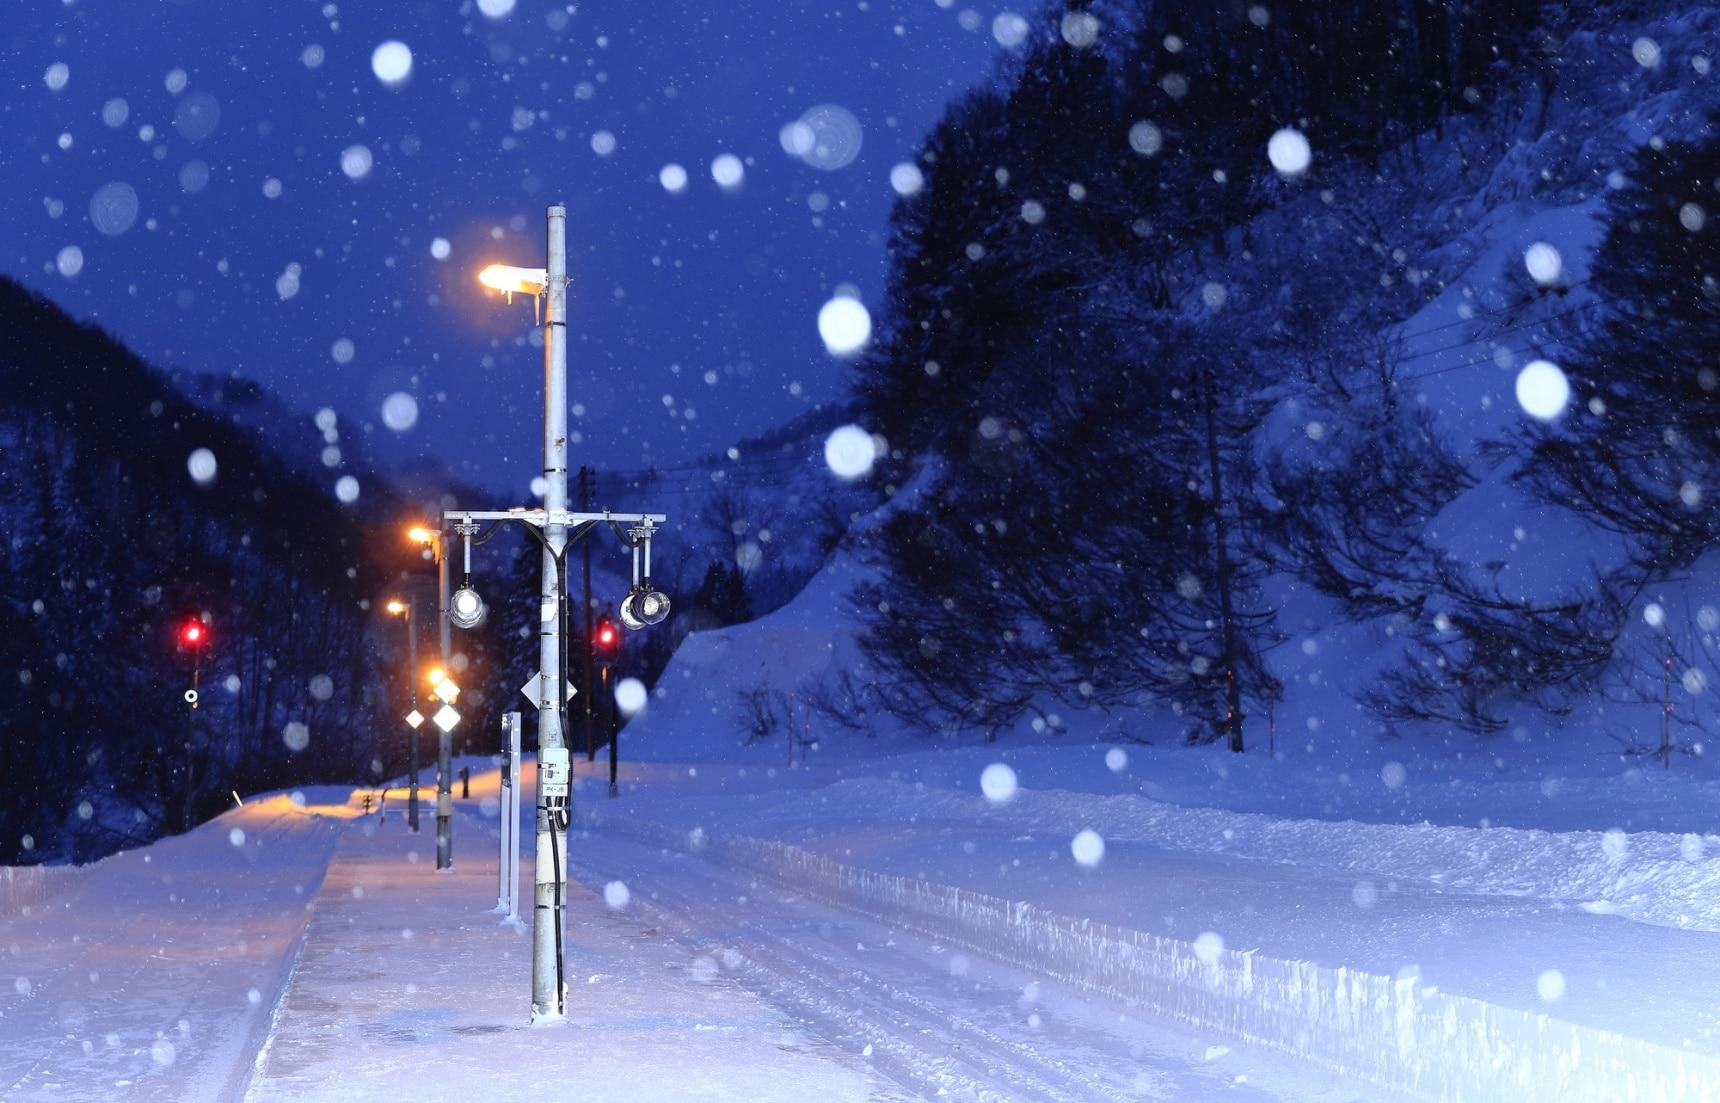 智游人|铁道迷福利!搭乘日本地方路线走访冬季限定的雪地绝景